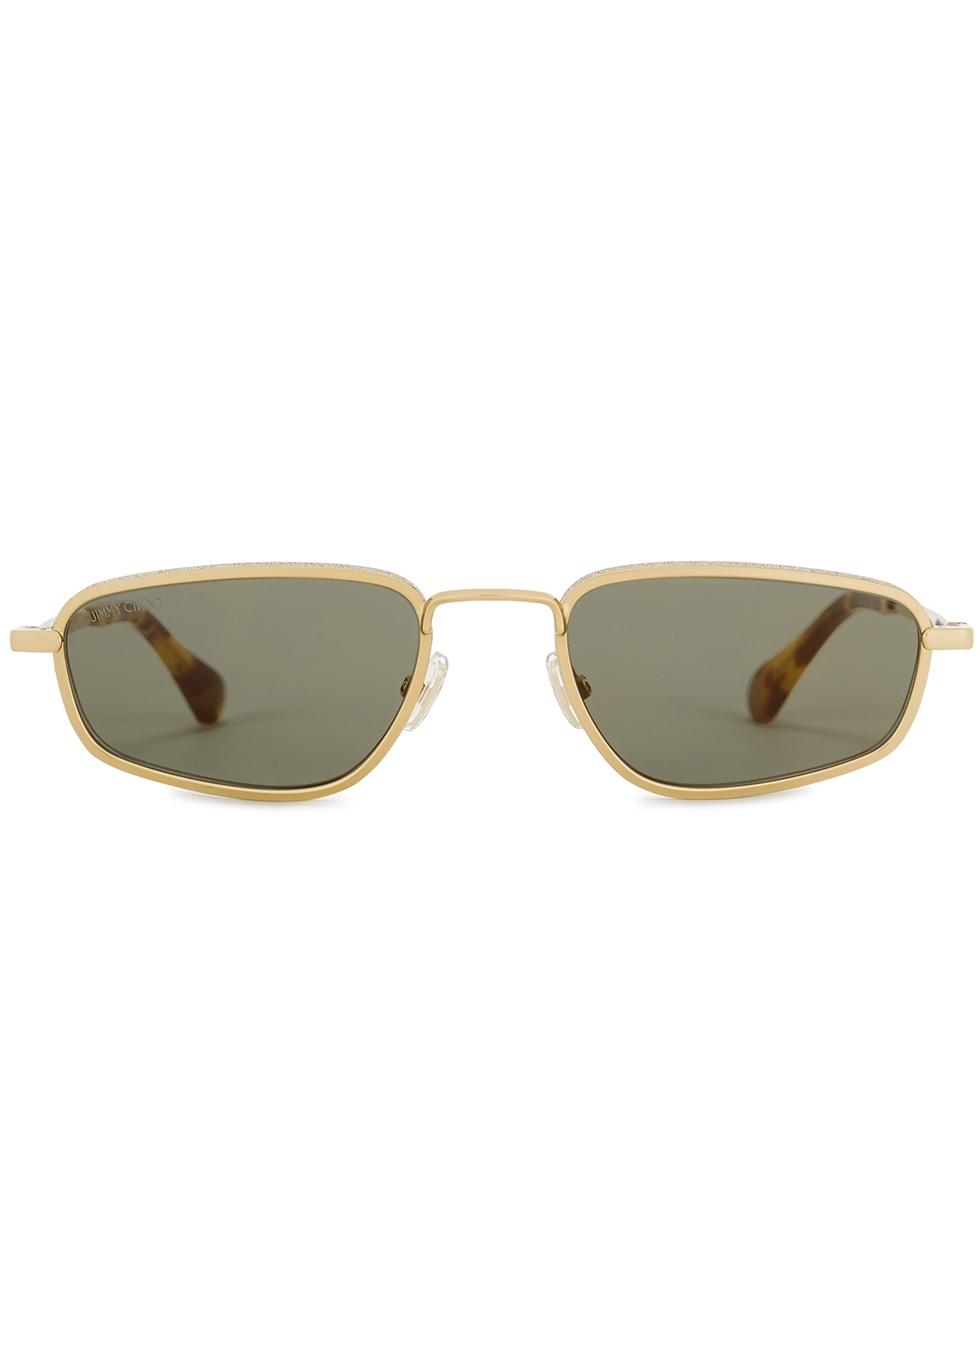 Gal gold-tone rectangular-frame sunglasses - Jimmy Choo